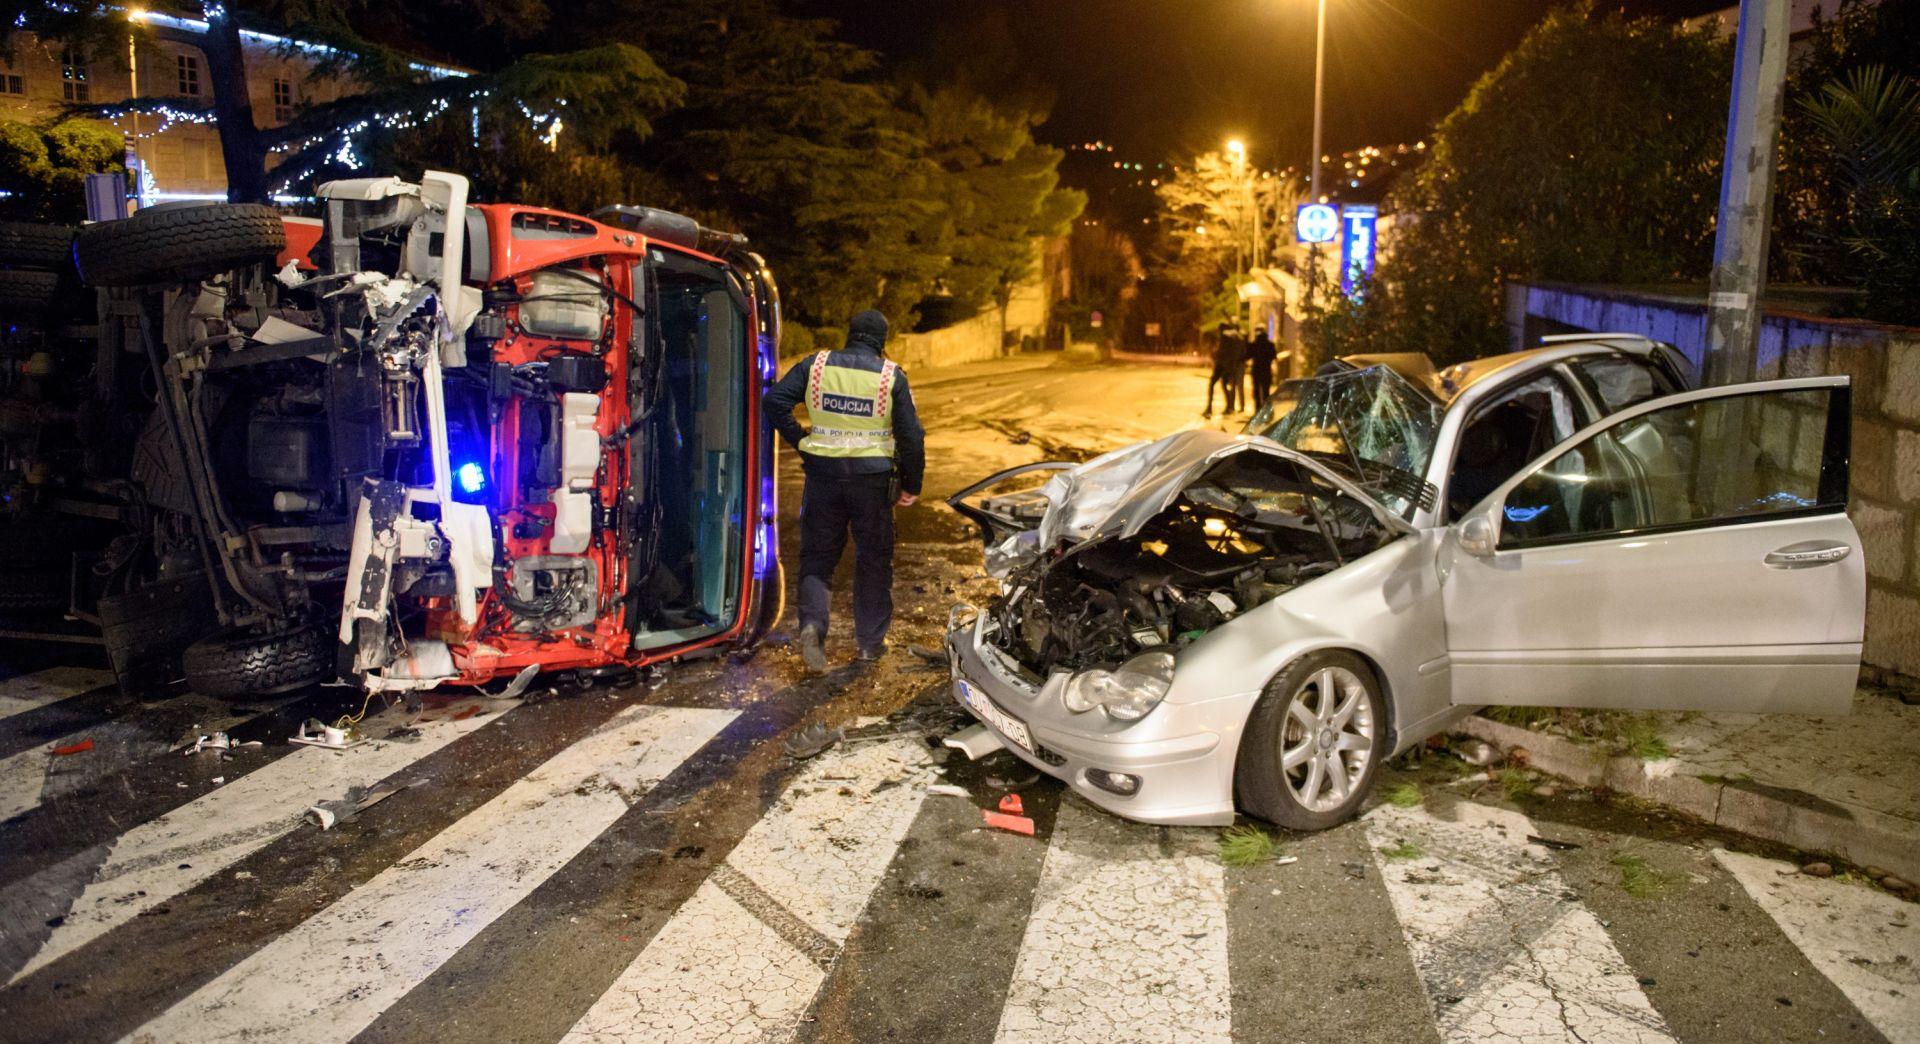 JEDNA OSOBA TEŠKO OZLIJEĐENA Vatrogasno vozilo s uključenim rotirkama prošlo kroz crveno i izazvalo nesreću